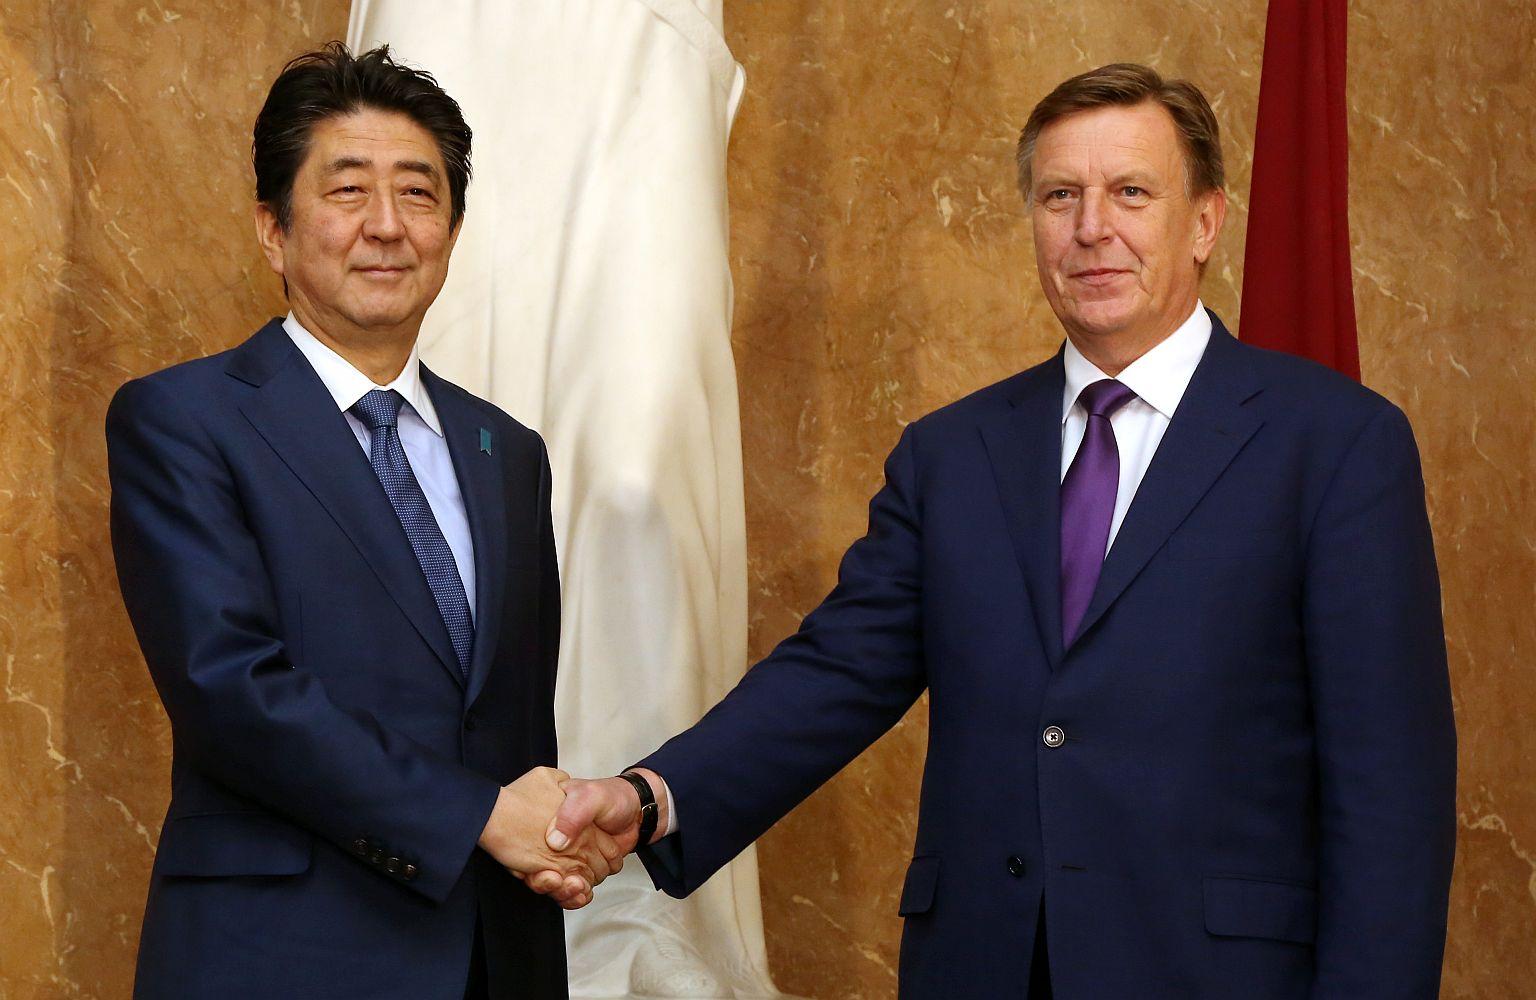 Ввоскресенье премьер Японии Синдзо Абэ посетит Болгарию